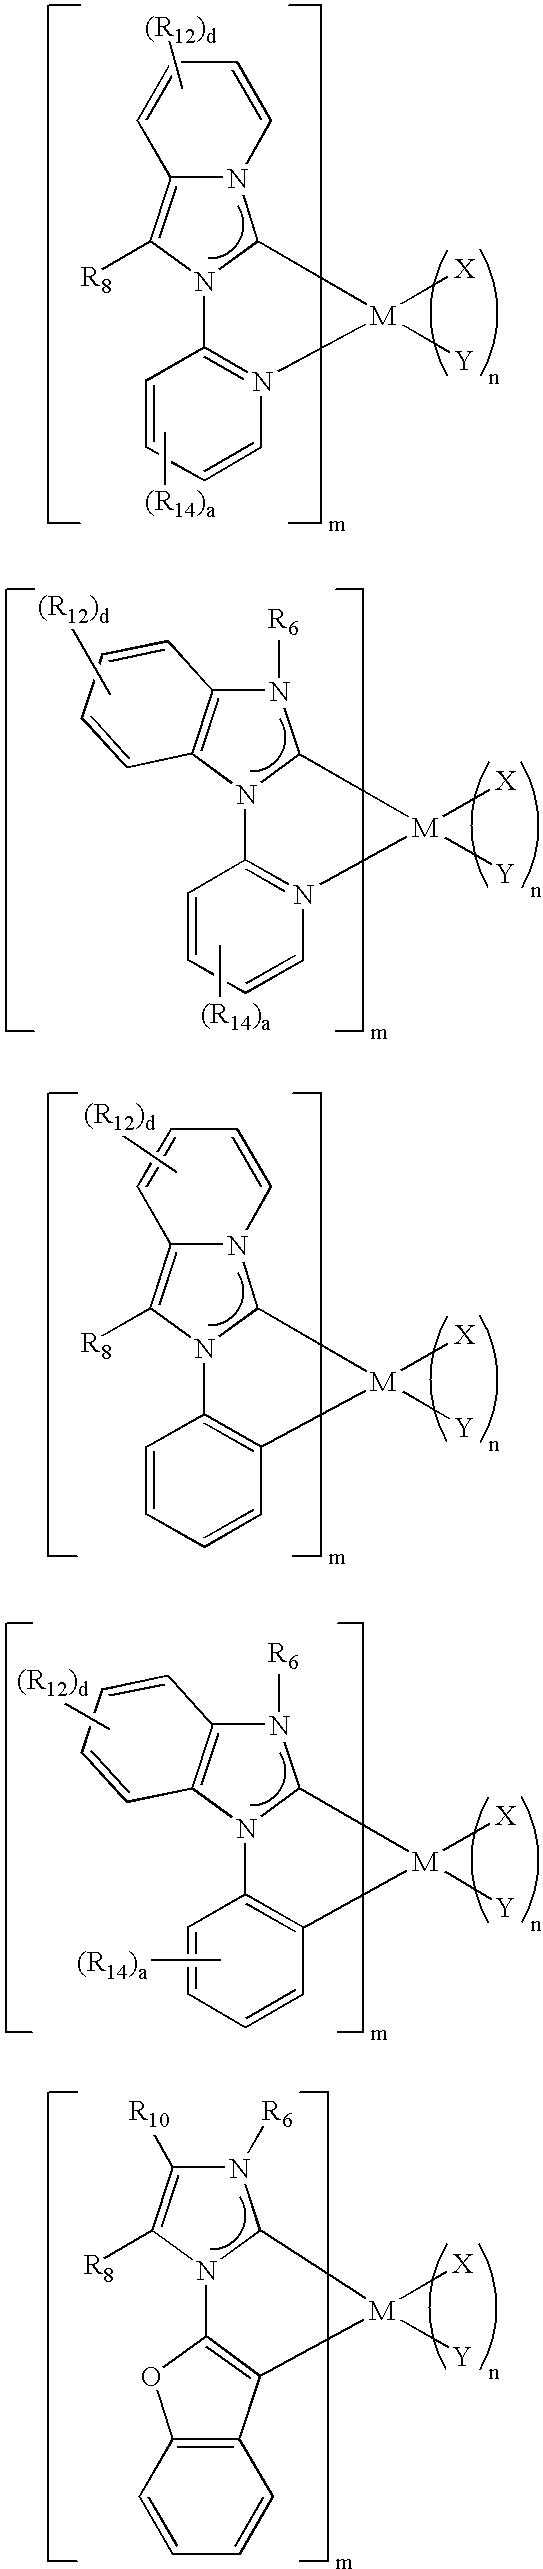 Figure US20050260441A1-20051124-C00026